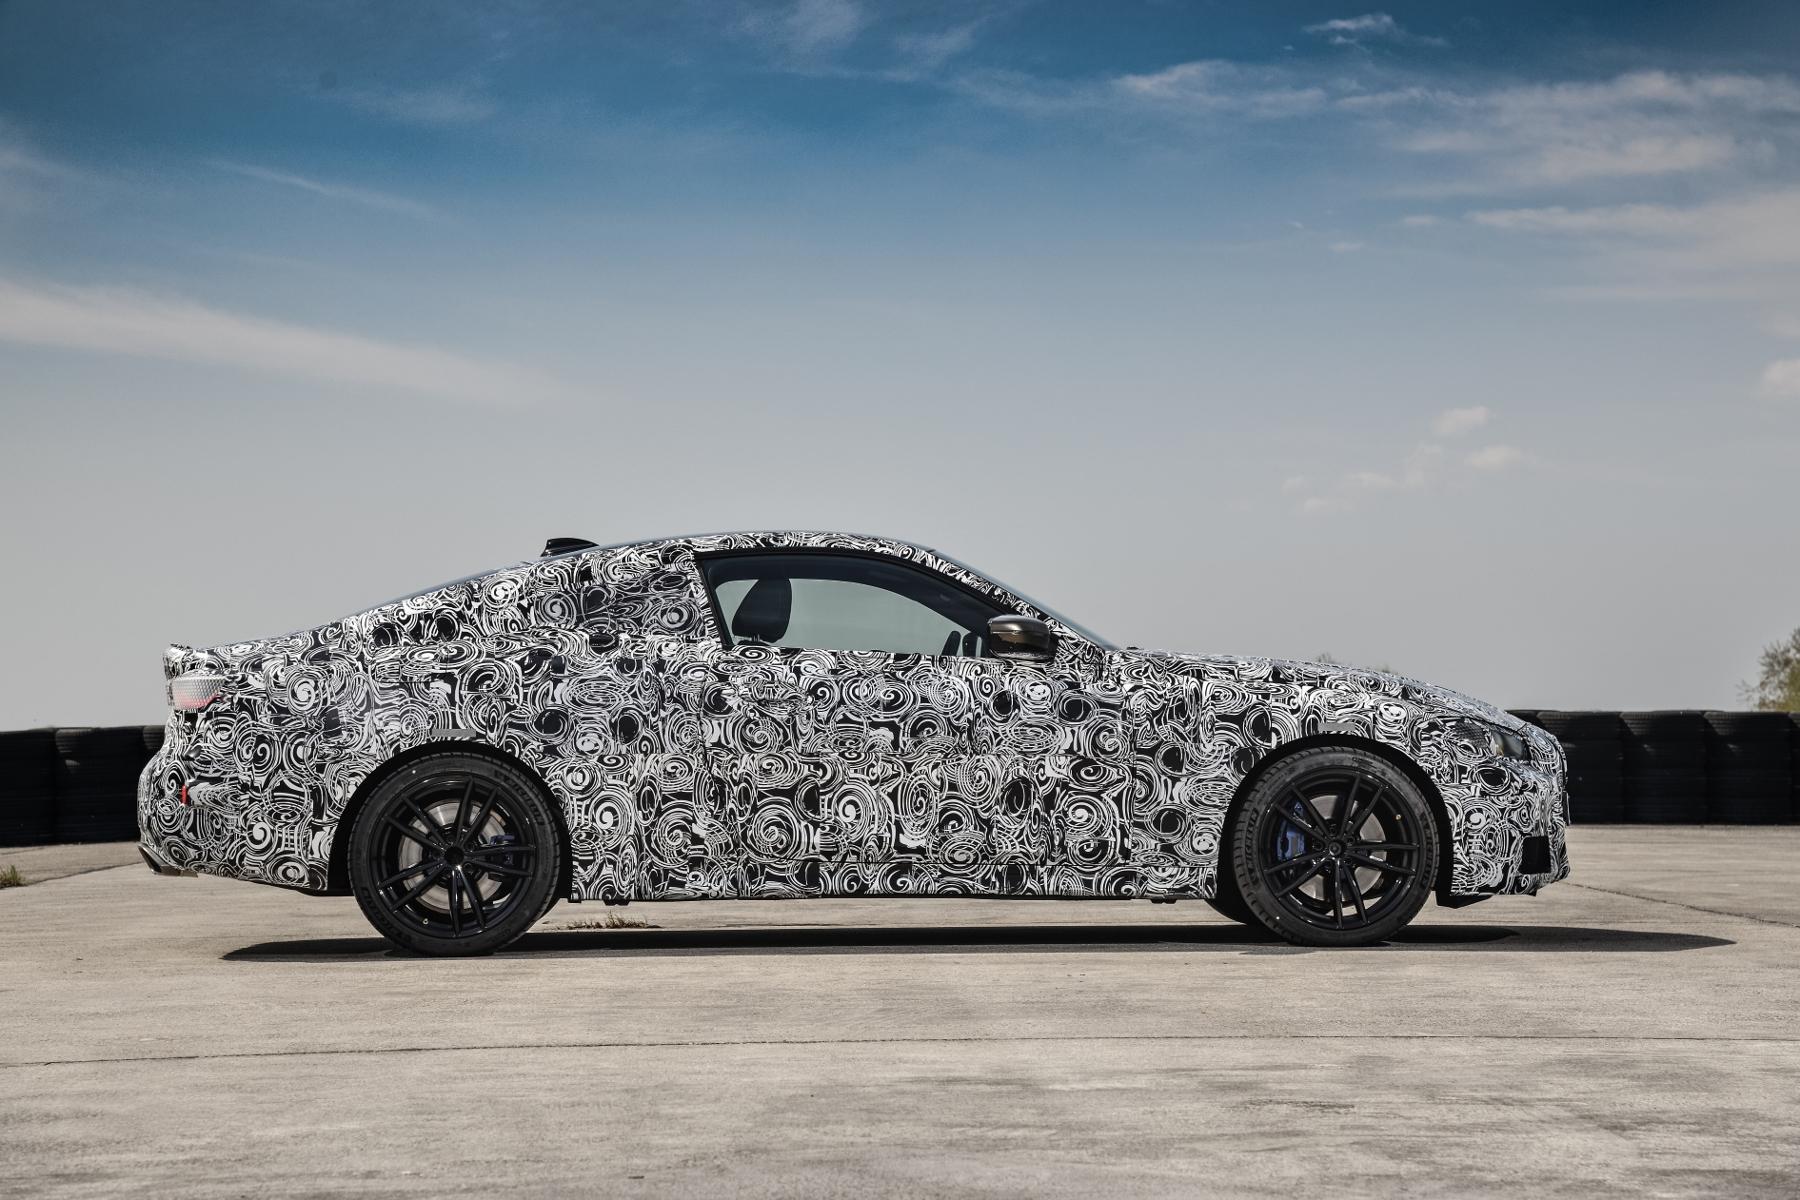 Nové BMW radu 4 Coupé dostane športovejší podvozok MuRkN6NuWk bmw-4-coupe-20